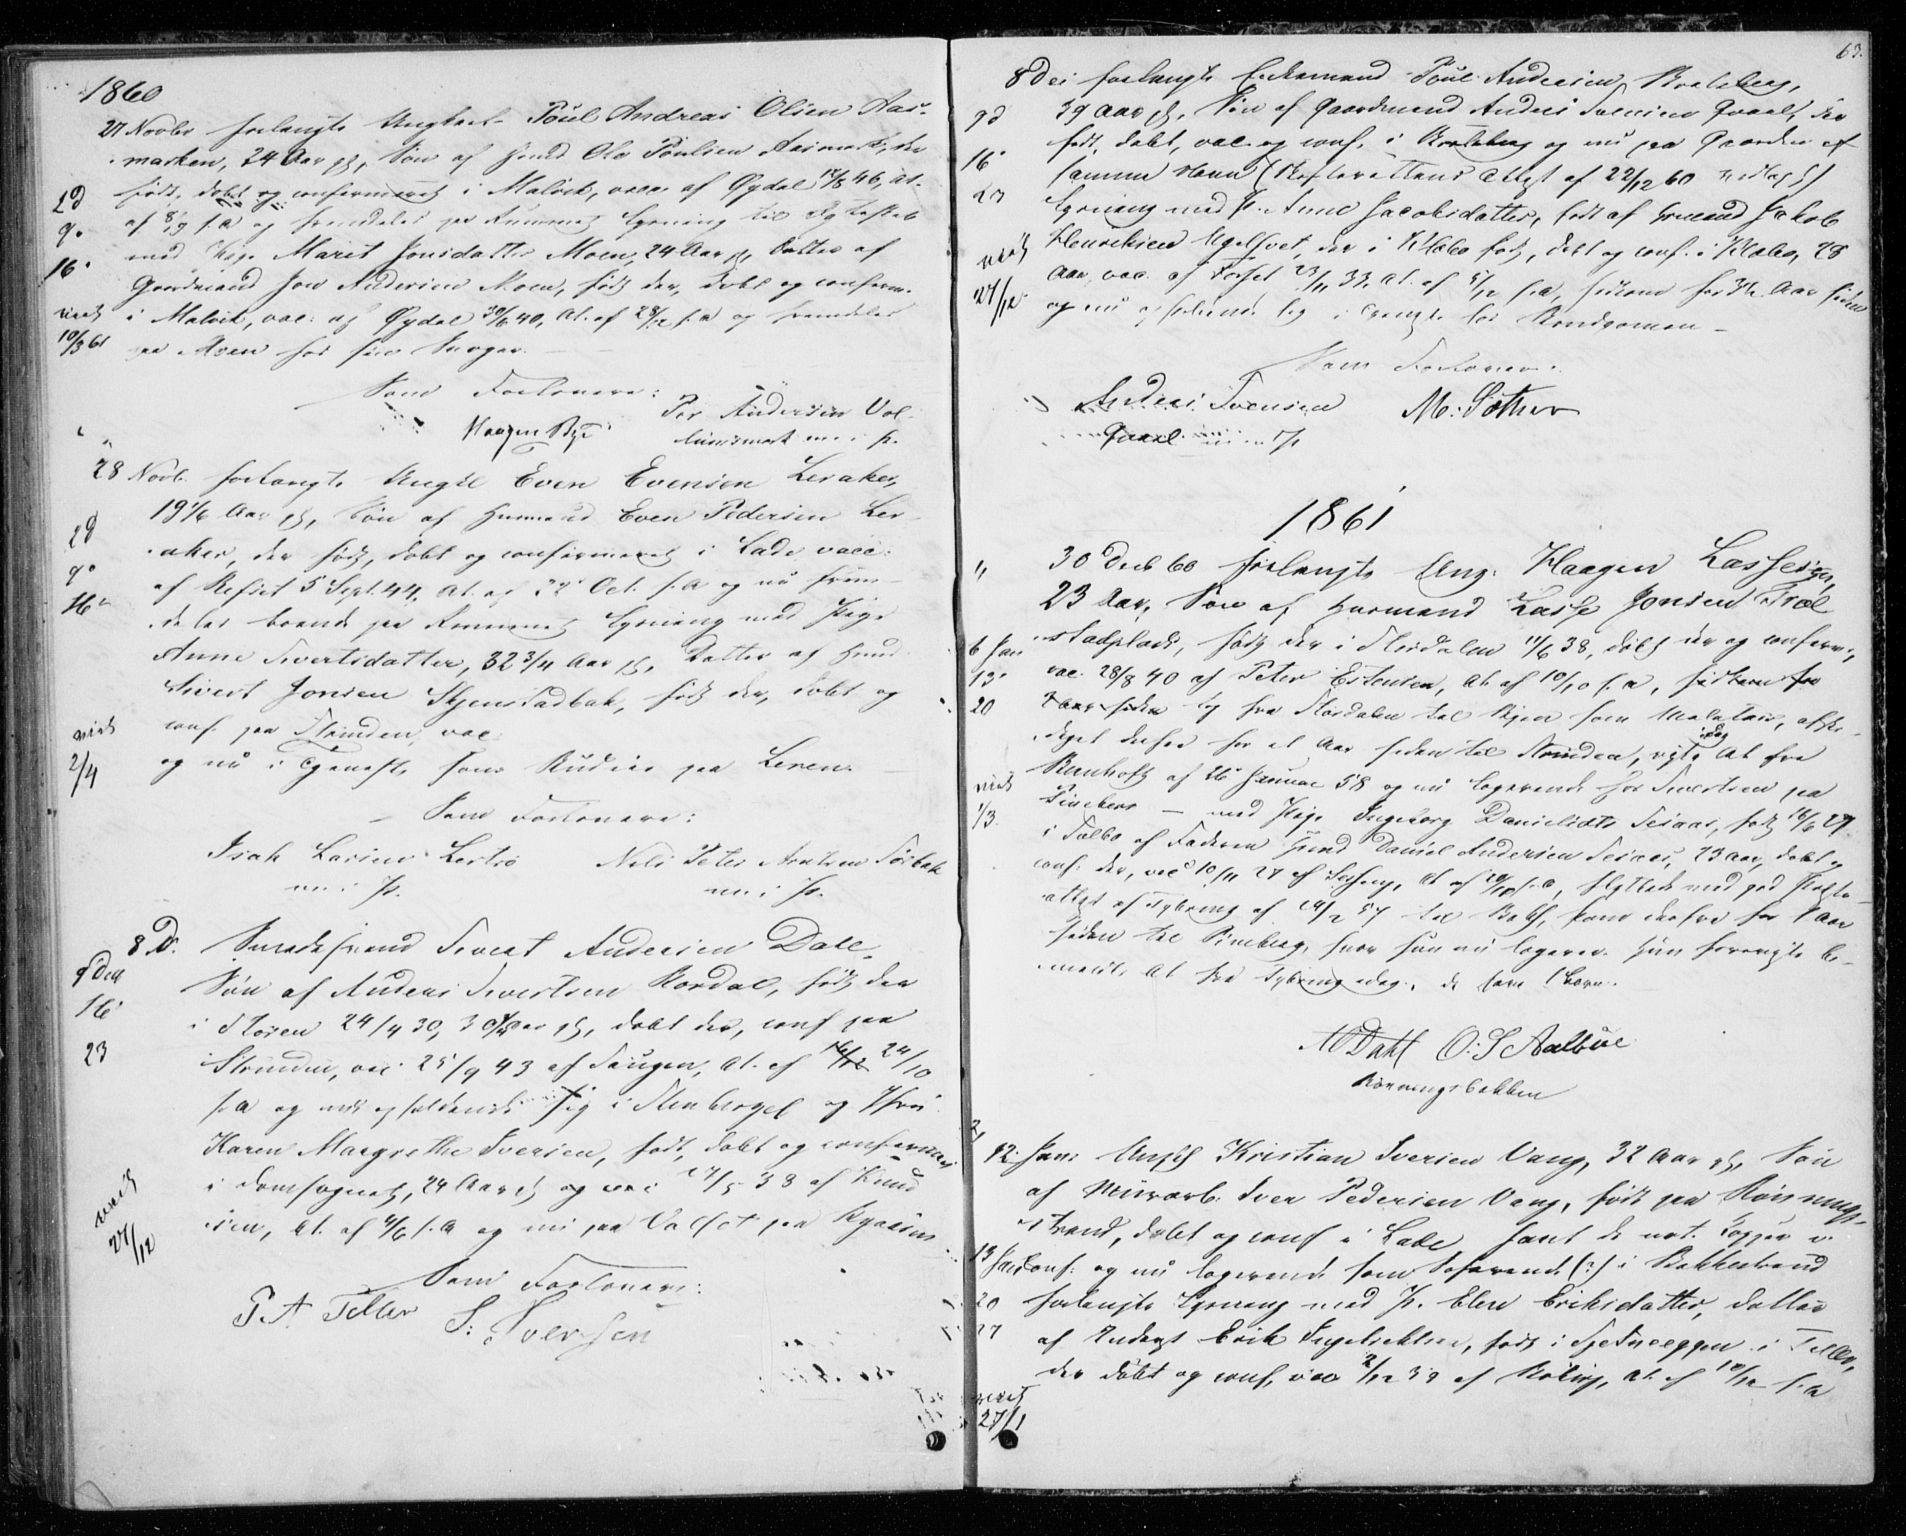 SAT, Ministerialprotokoller, klokkerbøker og fødselsregistre - Sør-Trøndelag, 606/L0297: Lysningsprotokoll nr. 606A12, 1854-1861, s. 63